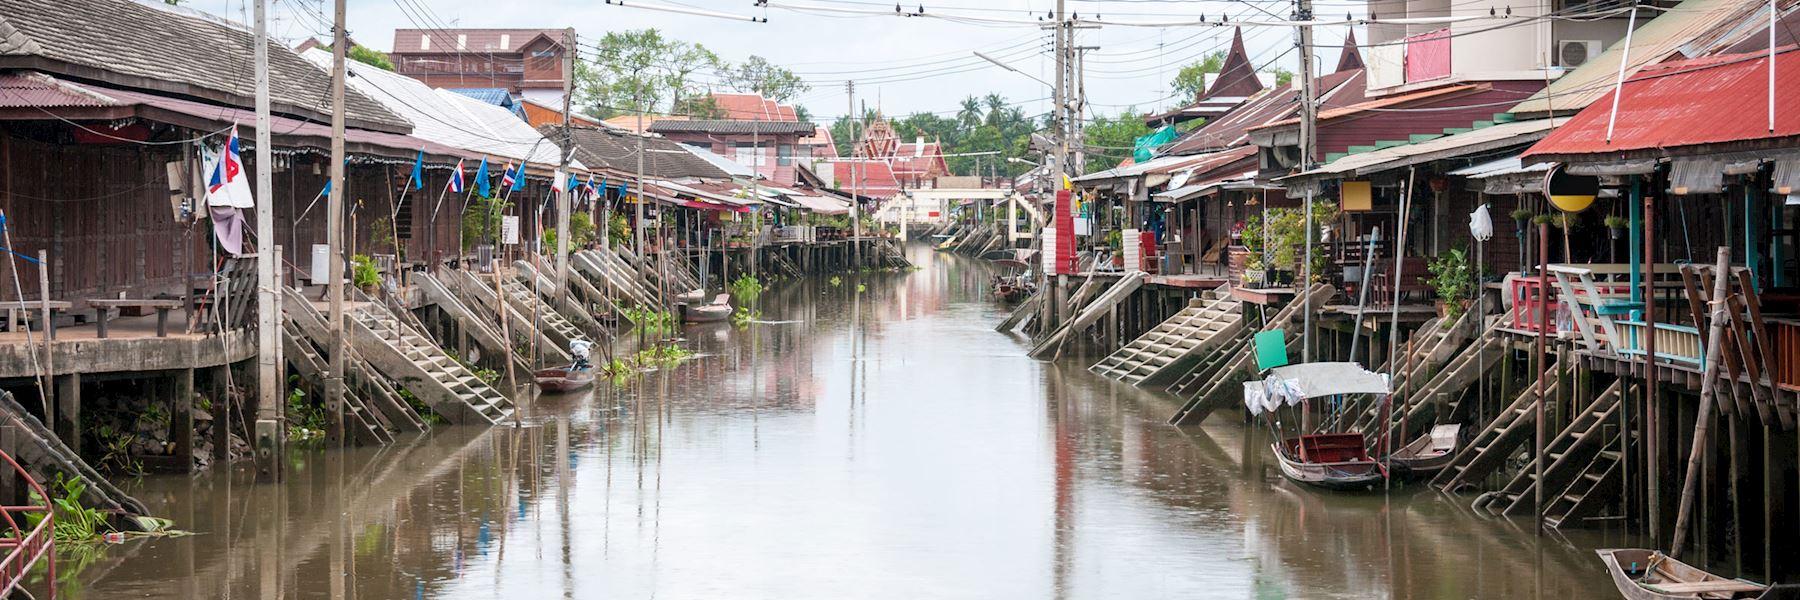 Visit Amphawa, Thailand